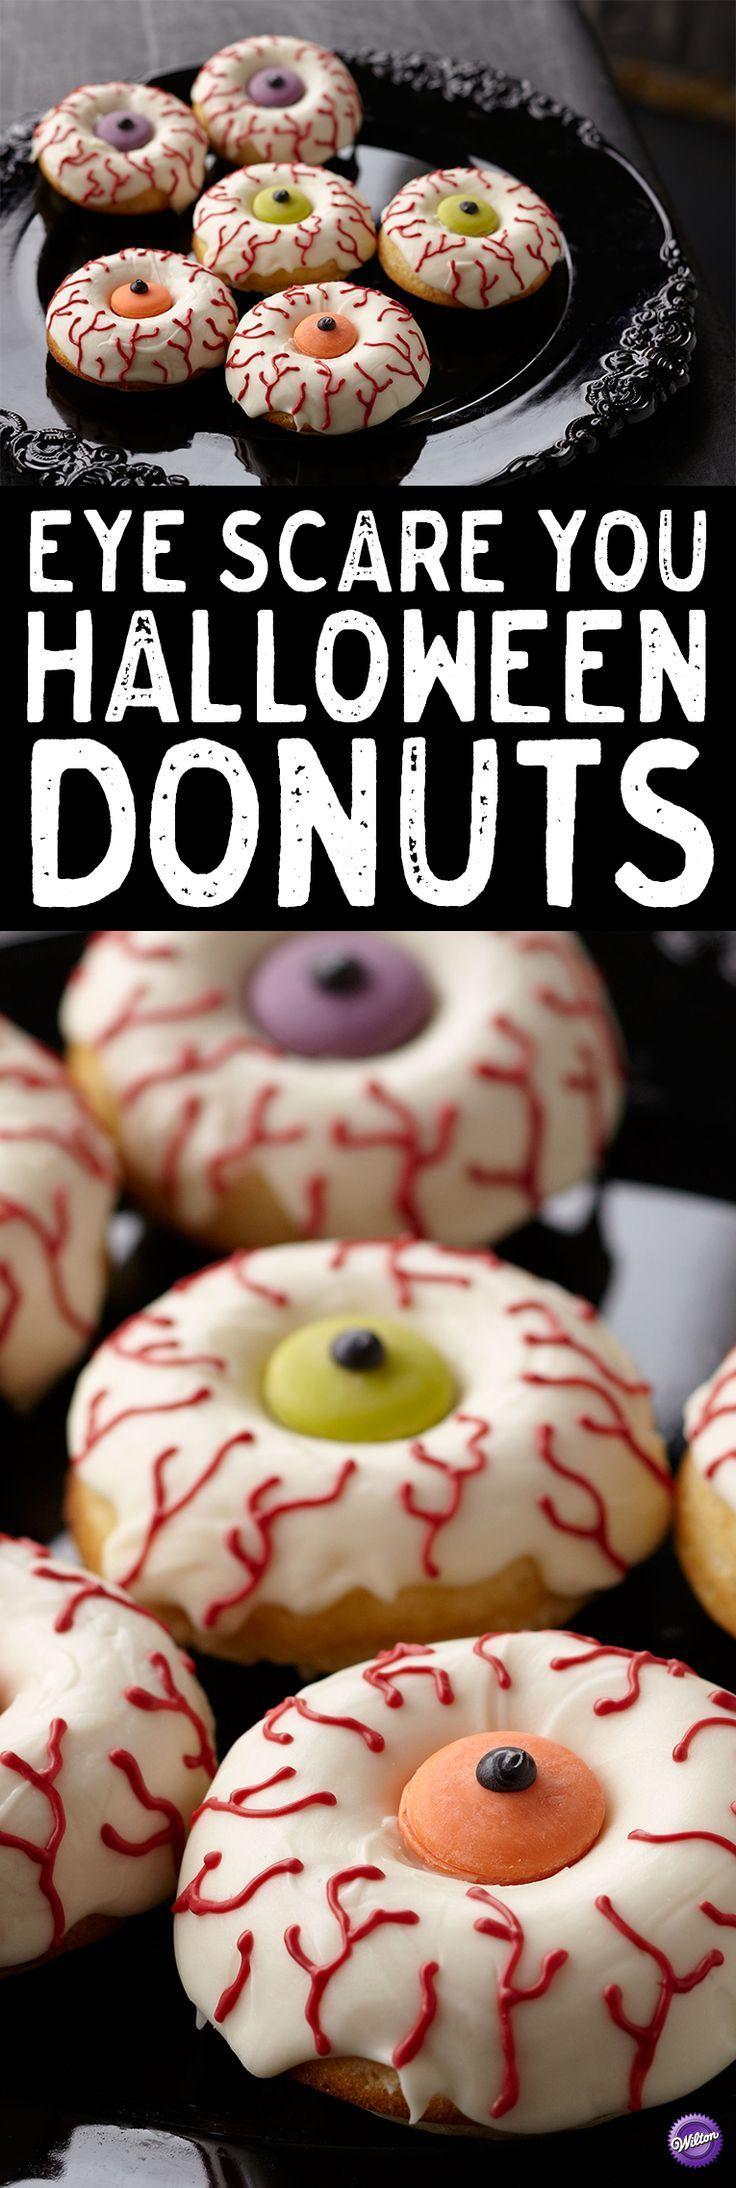 Eye Scare you Halloween Donuts – Wecken Sie Ihre Halloween-Feier mit - #Donuts #Eye #Halloween #HalloweenFeier #Ihre #mit #Scare #Sie #Wecken #celebrationcakes